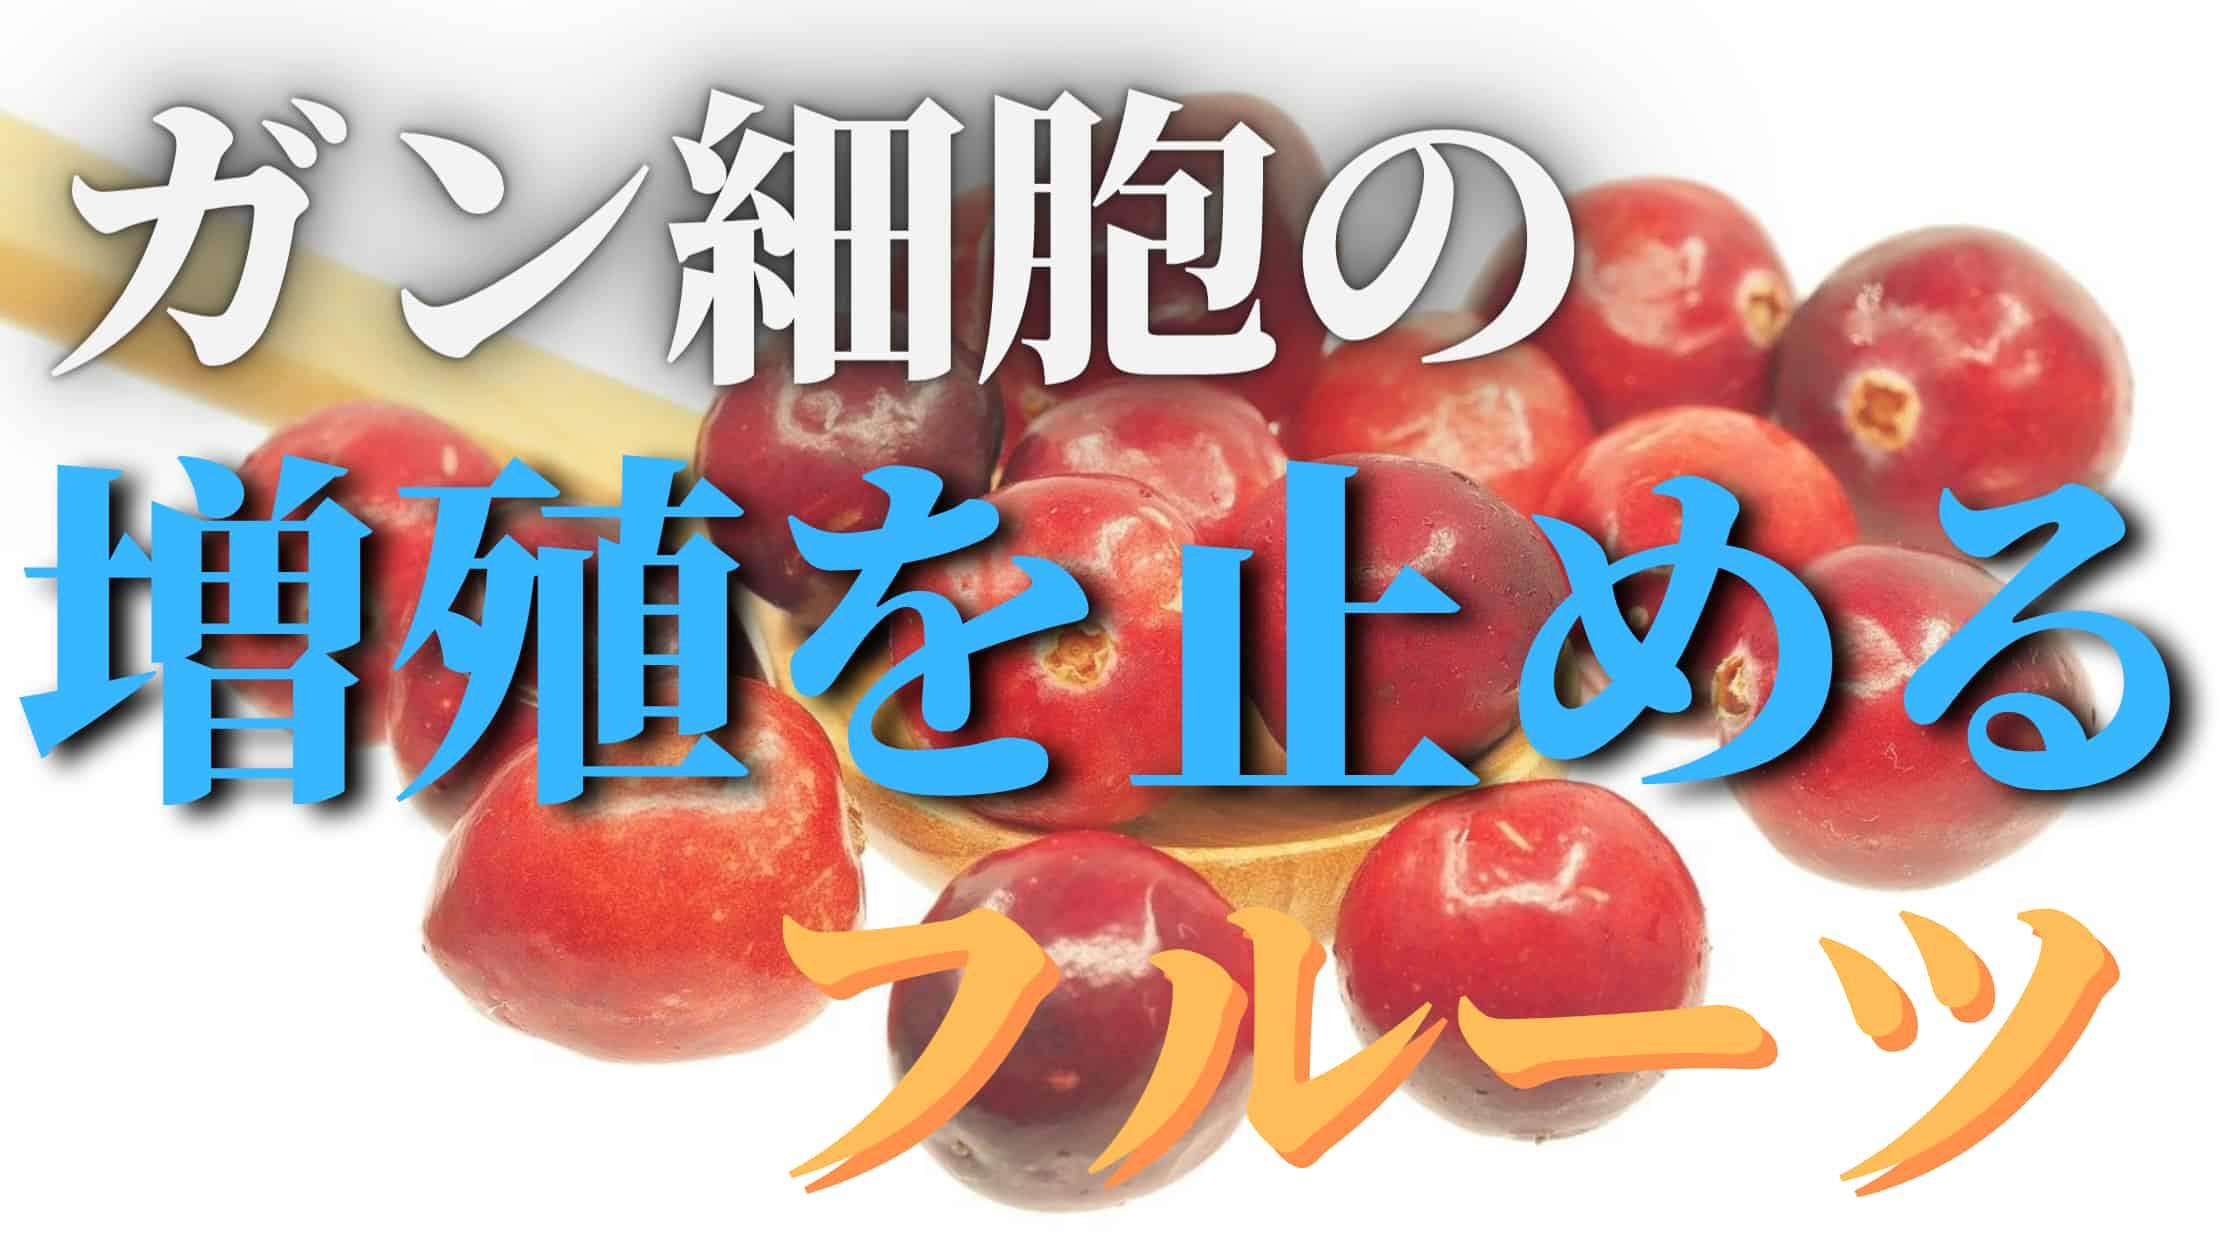 ガン予防に最も効果的な果物は?リンゴは3位、レモンは2位。1位は?